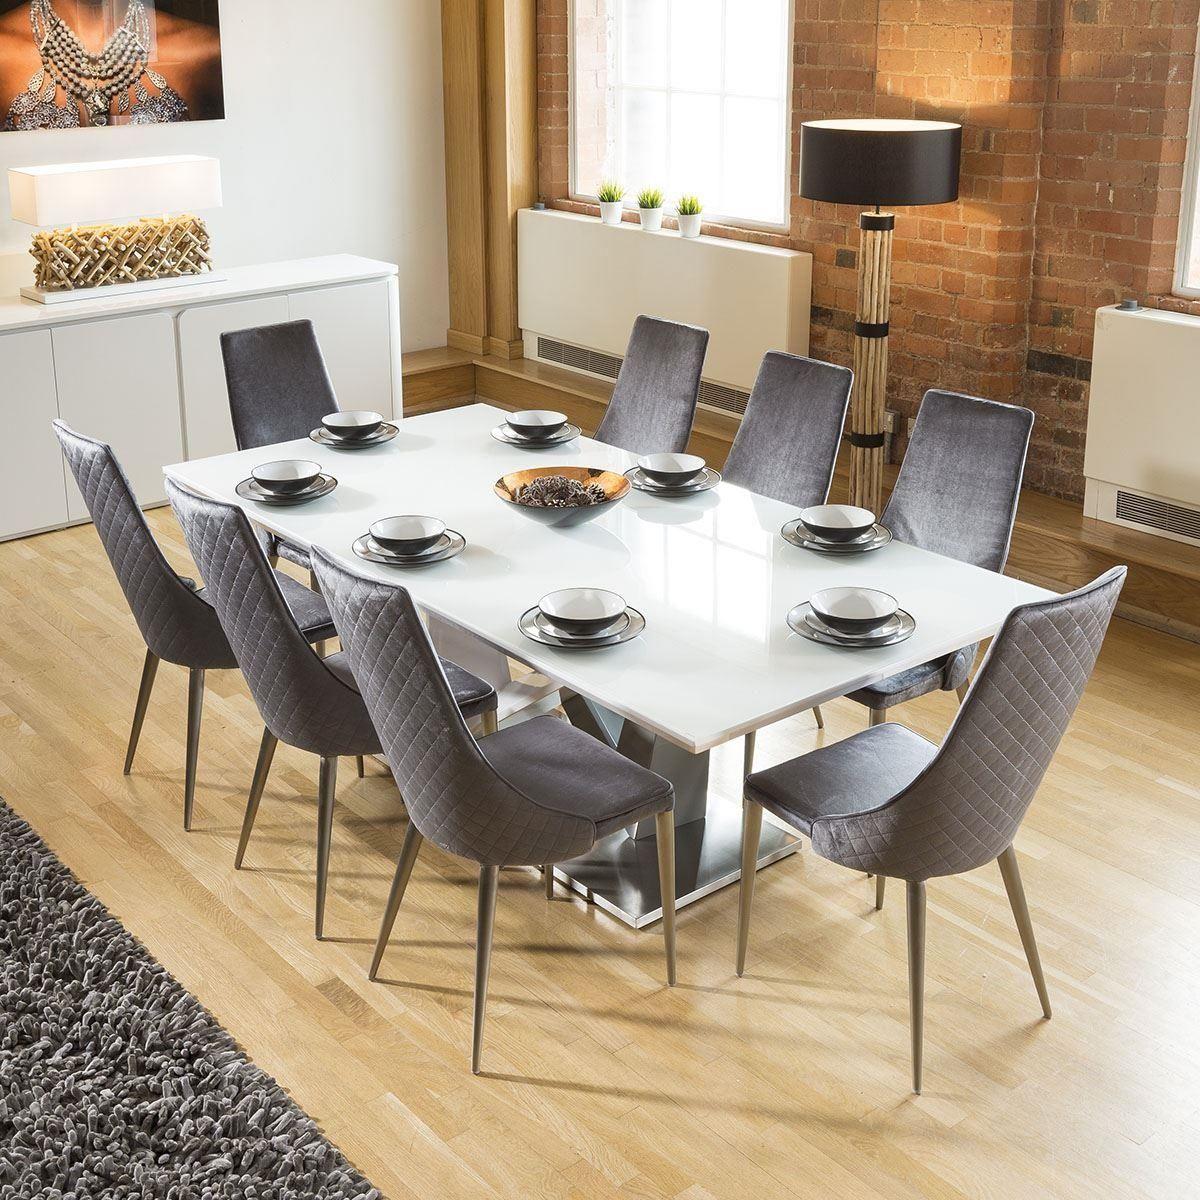 Huge 8 Seater Dining Set 2 2 White Glass Top Table 8 Grey Velvet Chair In 2020 White Dining Set Modern Dining Table Dining Table Chairs